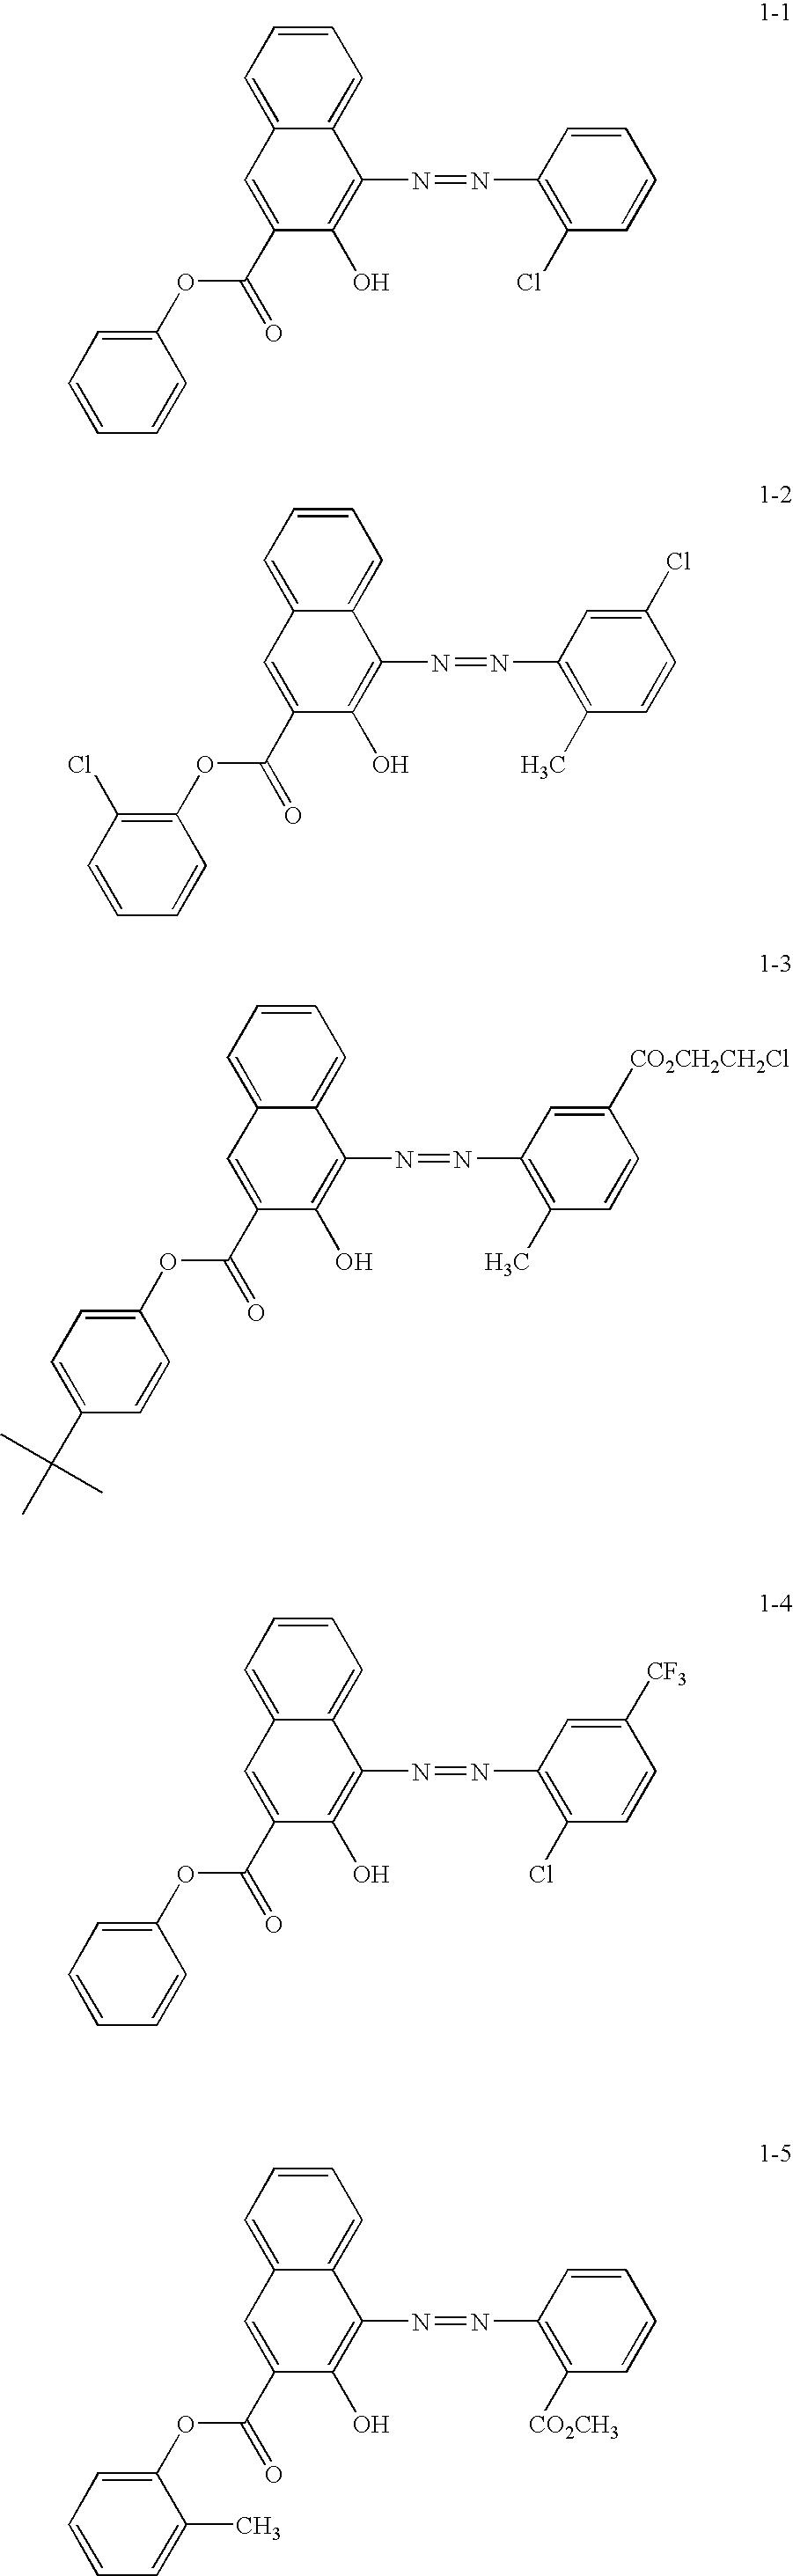 Figure US07160380-20070109-C00011